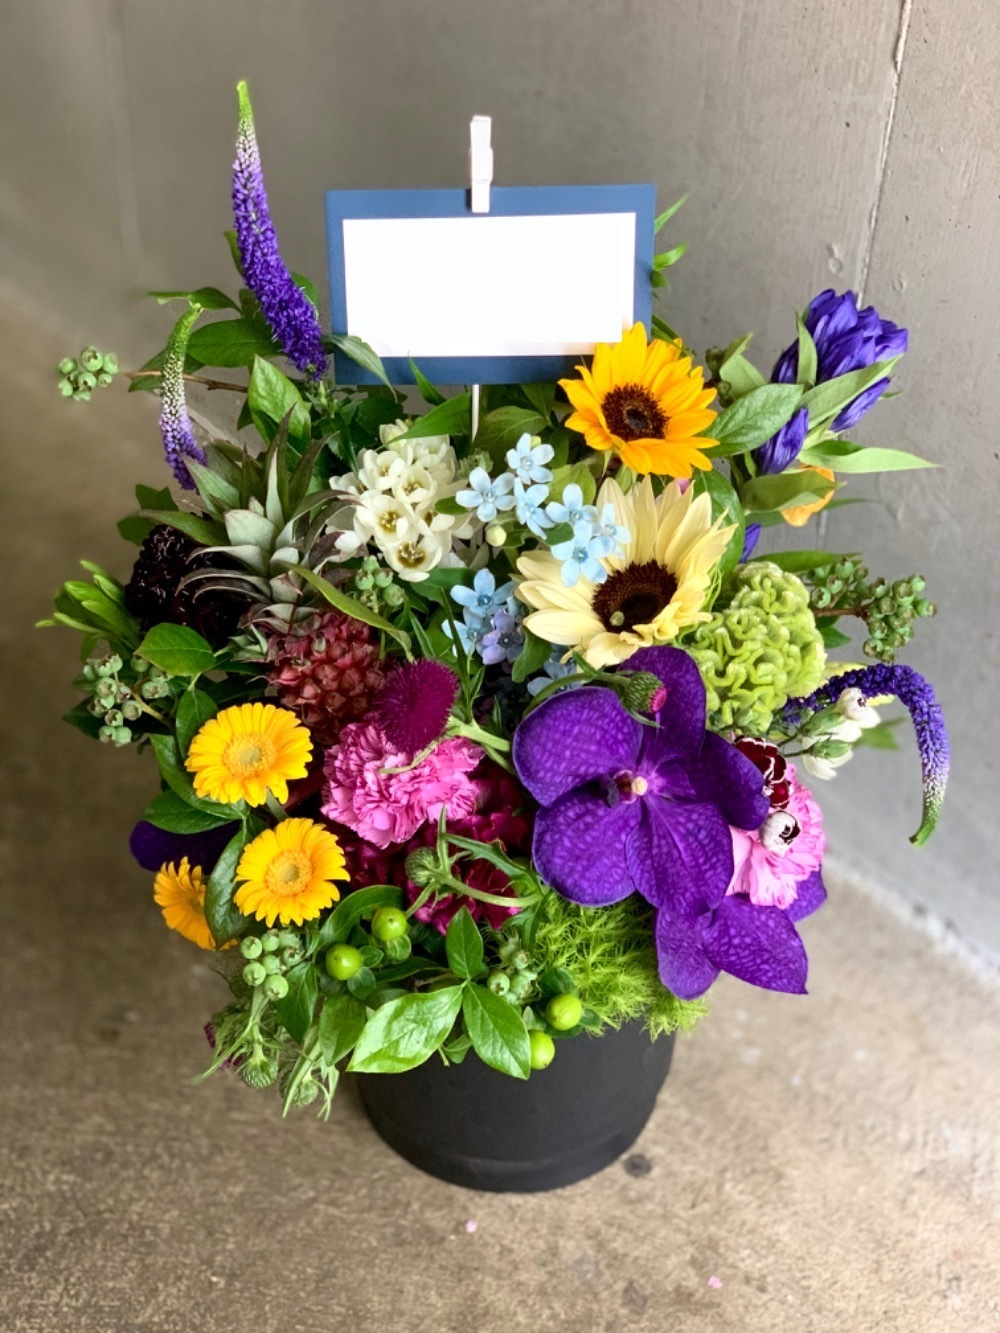 「ユニークな社風の会社様へ」移転・引っ越し祝い花